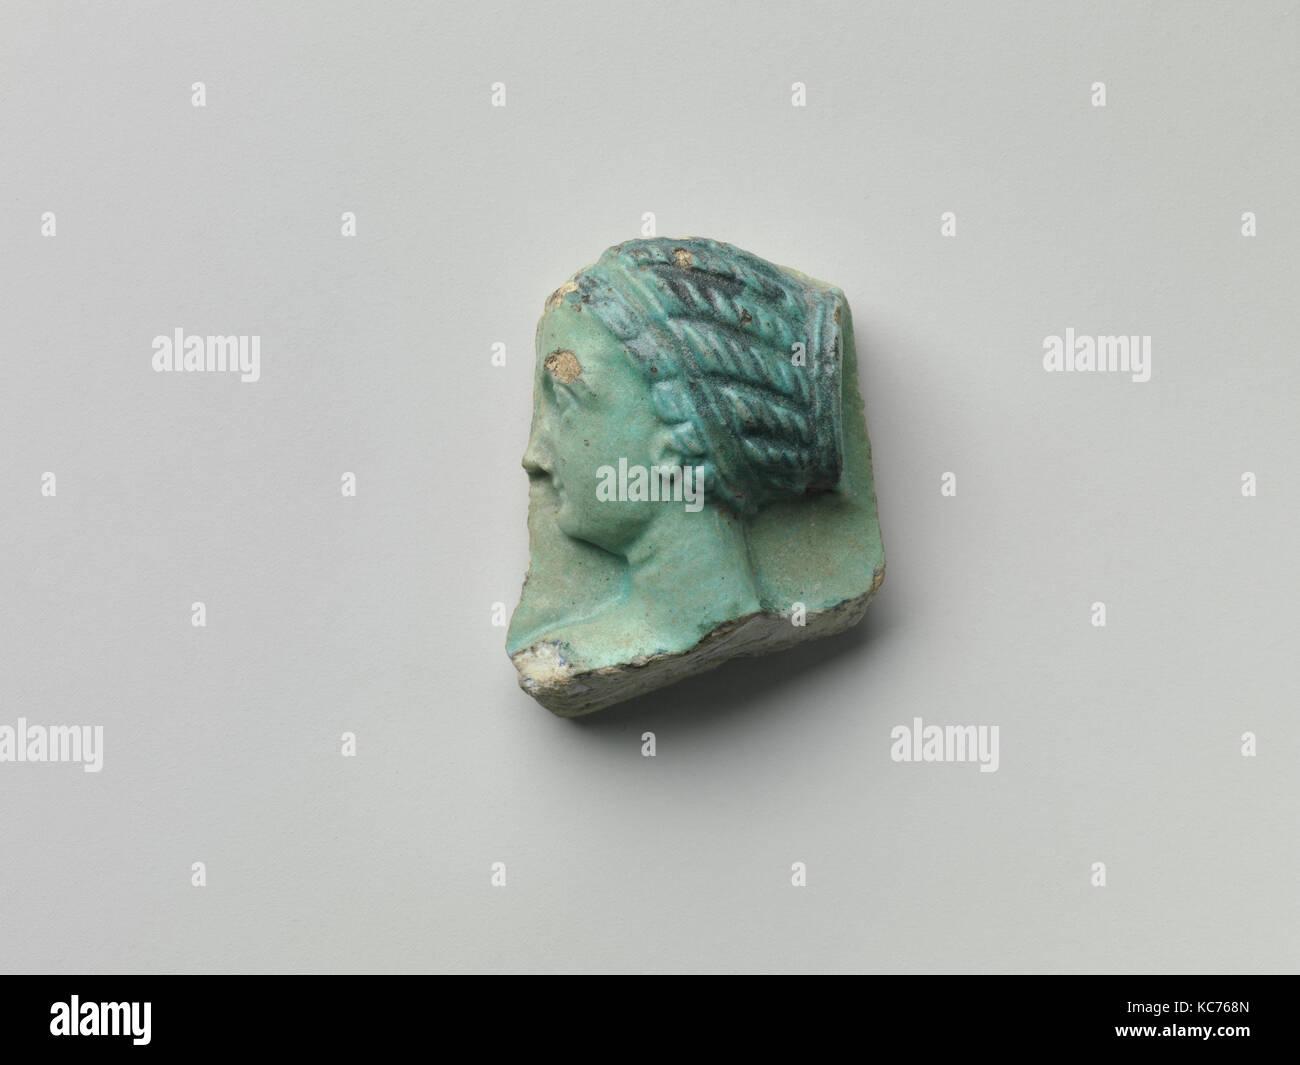 H 270 Cm Fotos E Imagenes De Stock Alamy